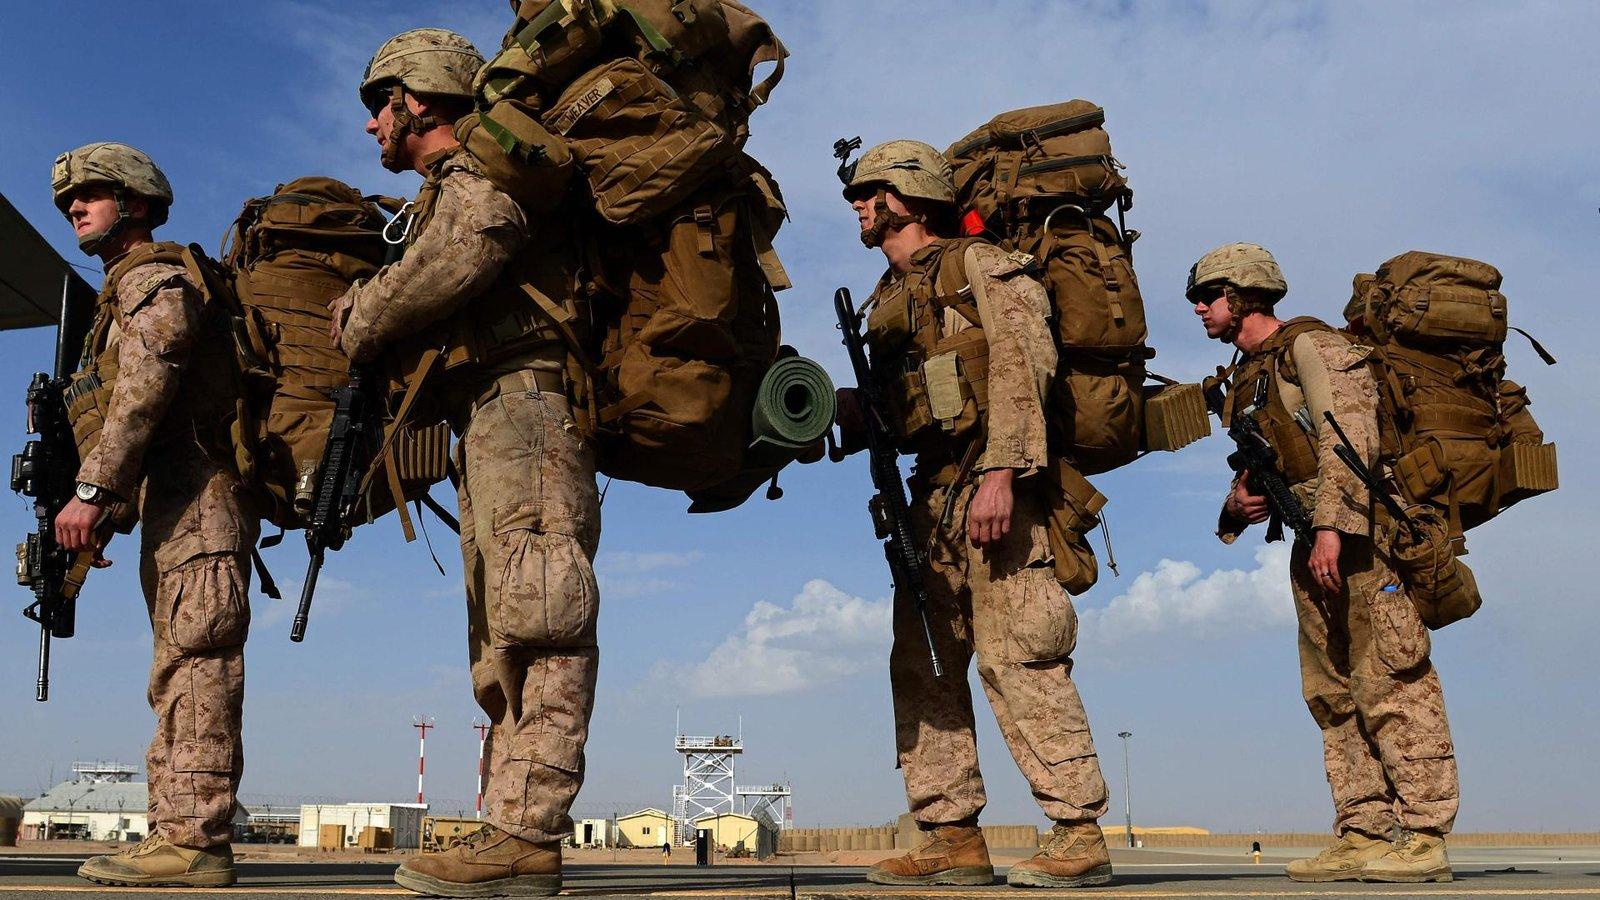 44% cae la aprobación de Biden por el retiro de tropas de Afganistán